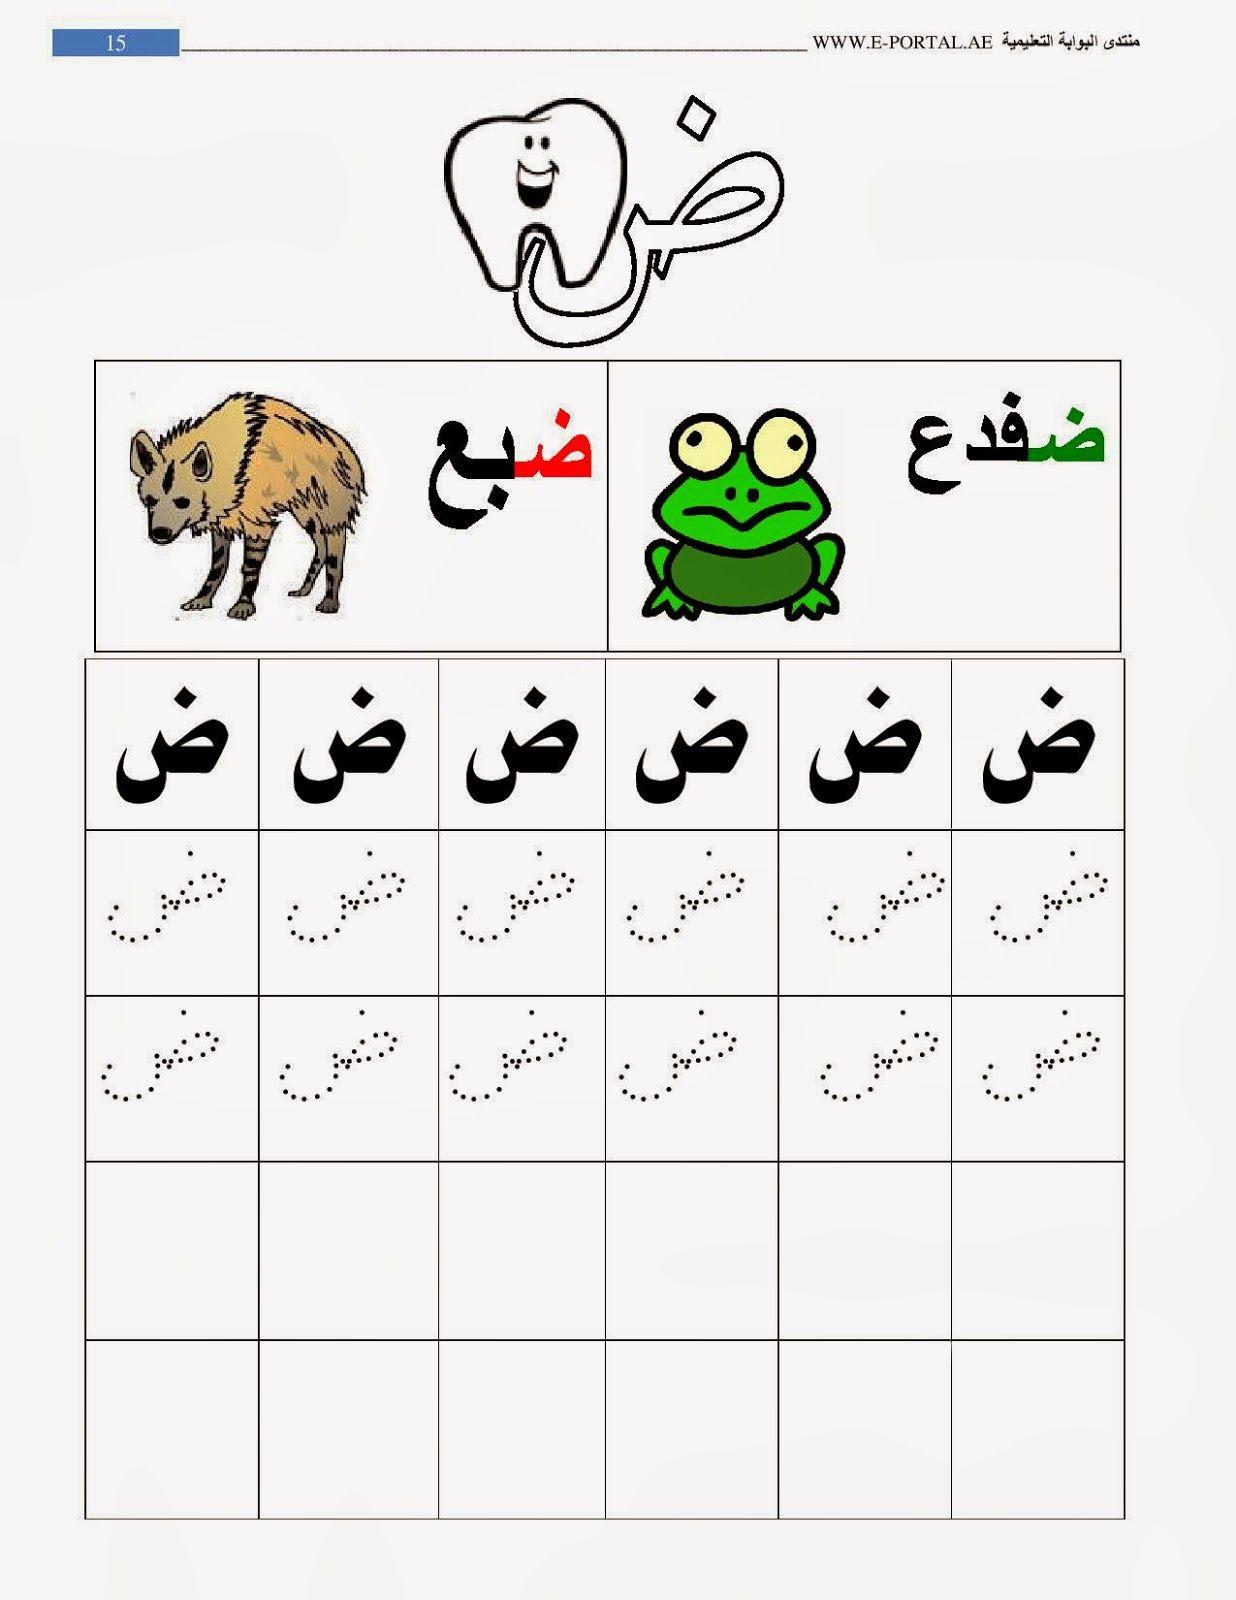 روضة العلم للاطفال كراسة حروف الهجاء Arabic Alphabet For Kids Learn Arabic Alphabet Arabic Kids